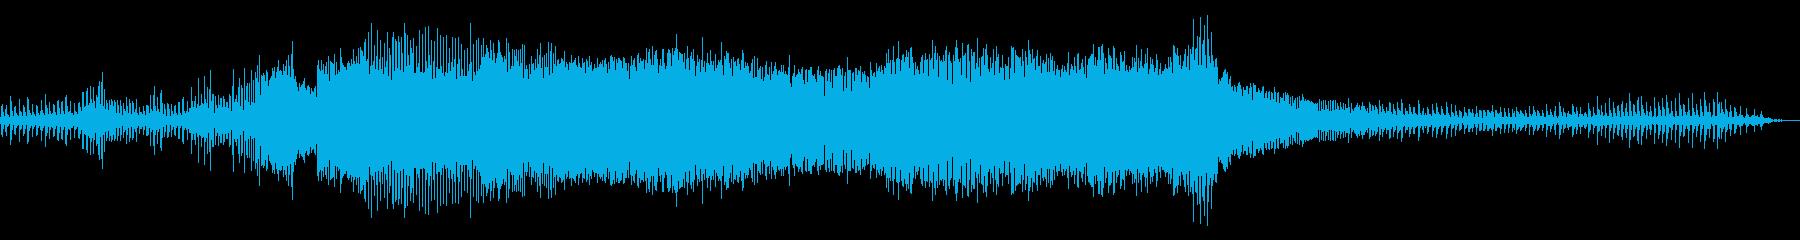 チェーンソーで竹を切る音 ②の再生済みの波形